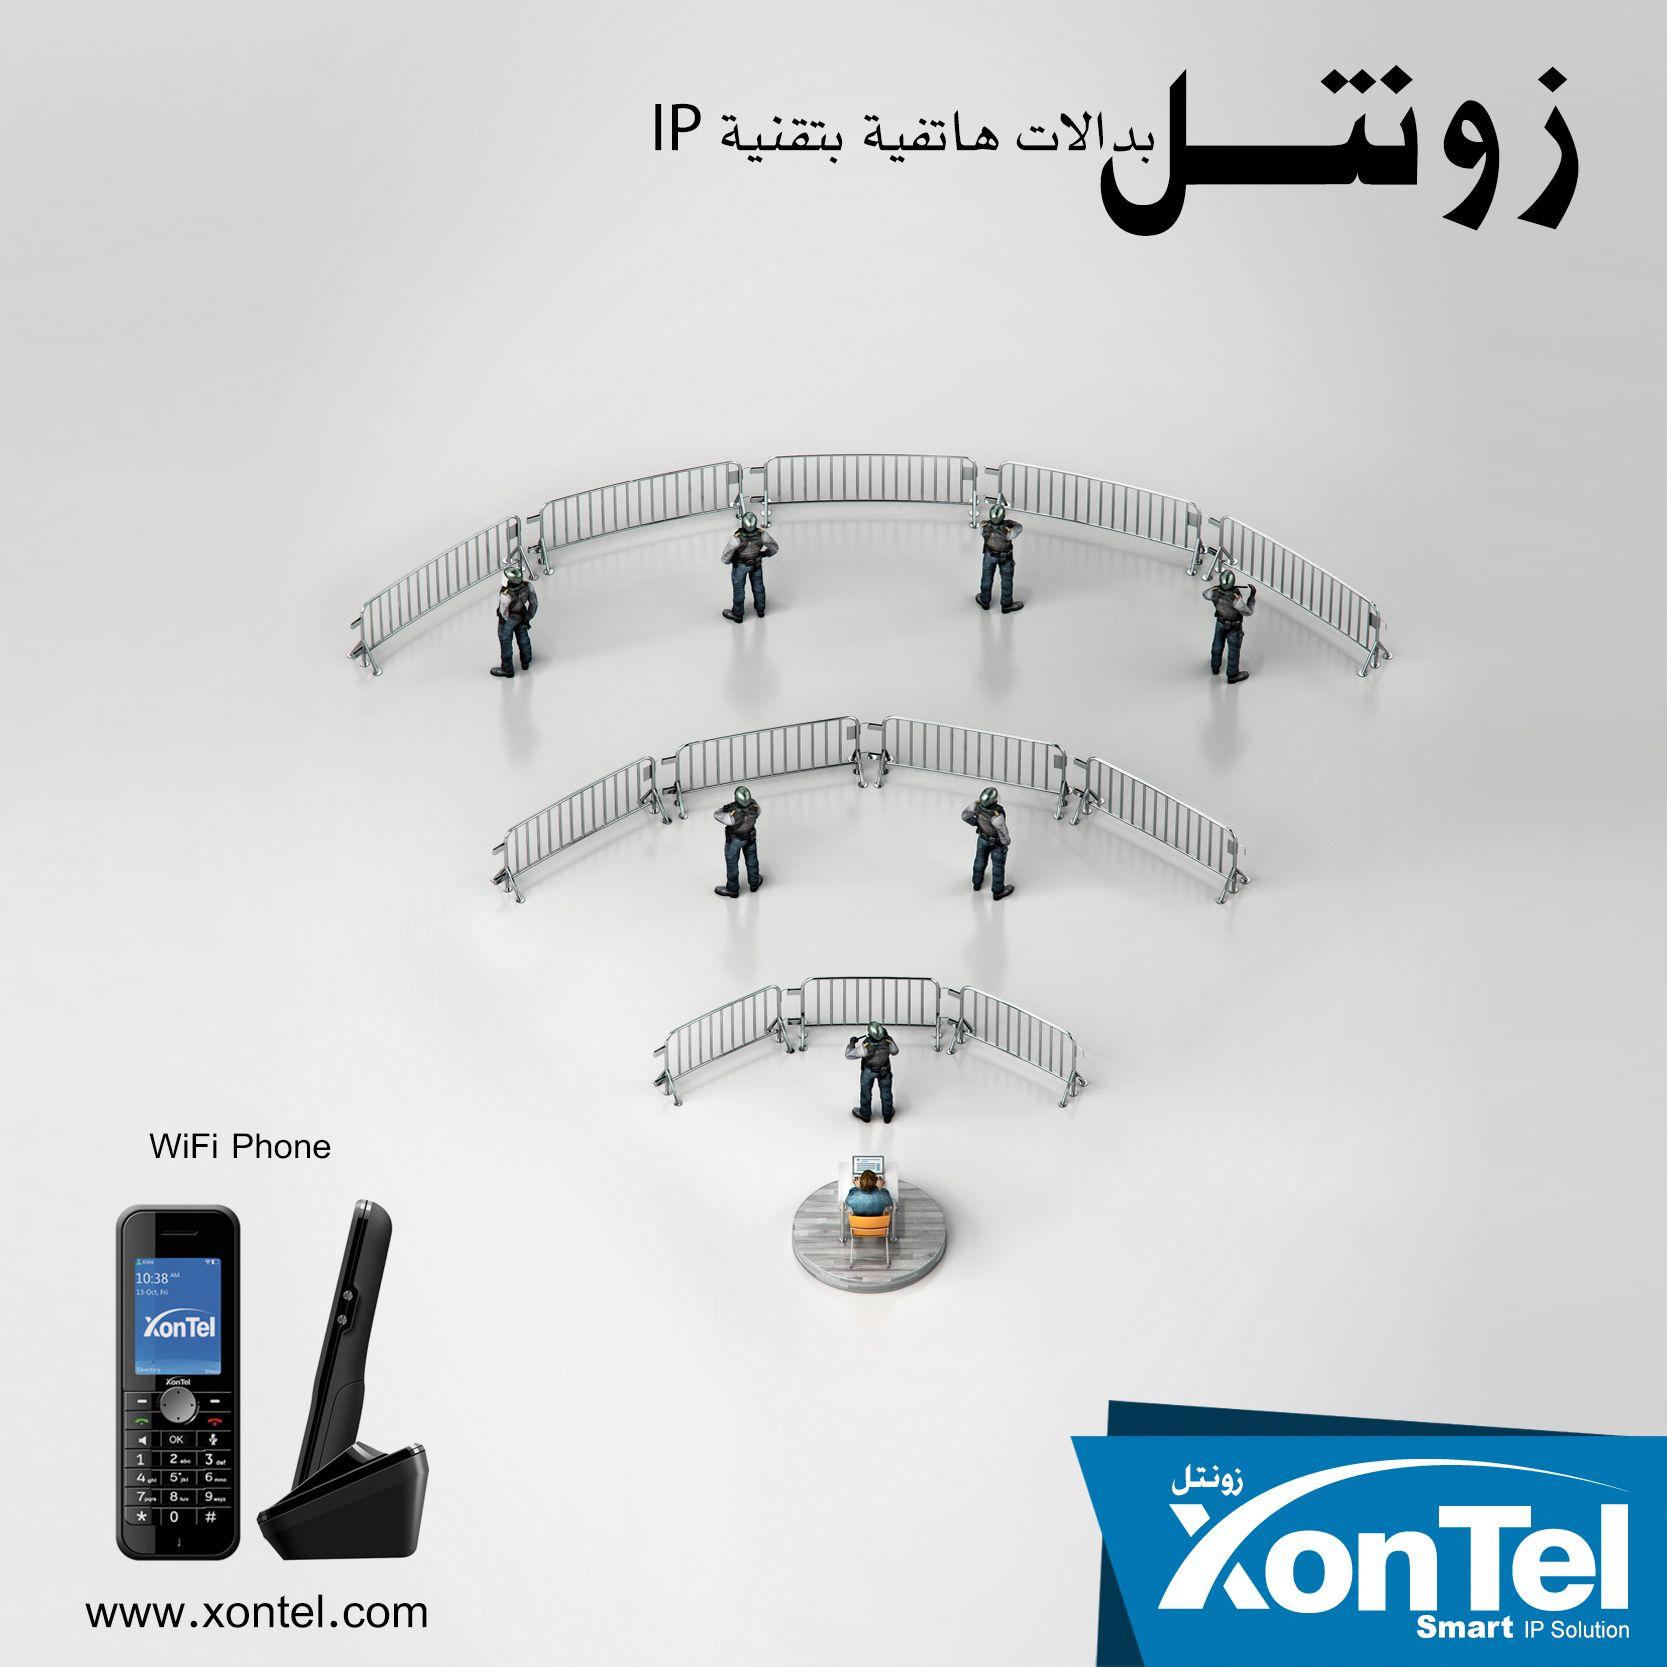 زونتل تقدم أحدث أنظمة الاتصالات للهواتف التي تعمل بتقنية Wifi حرية في التنقل مع تغطية أكبر زونتل مميزات زونتل Xontel اتصالا Voip Solutions Solutions Voip